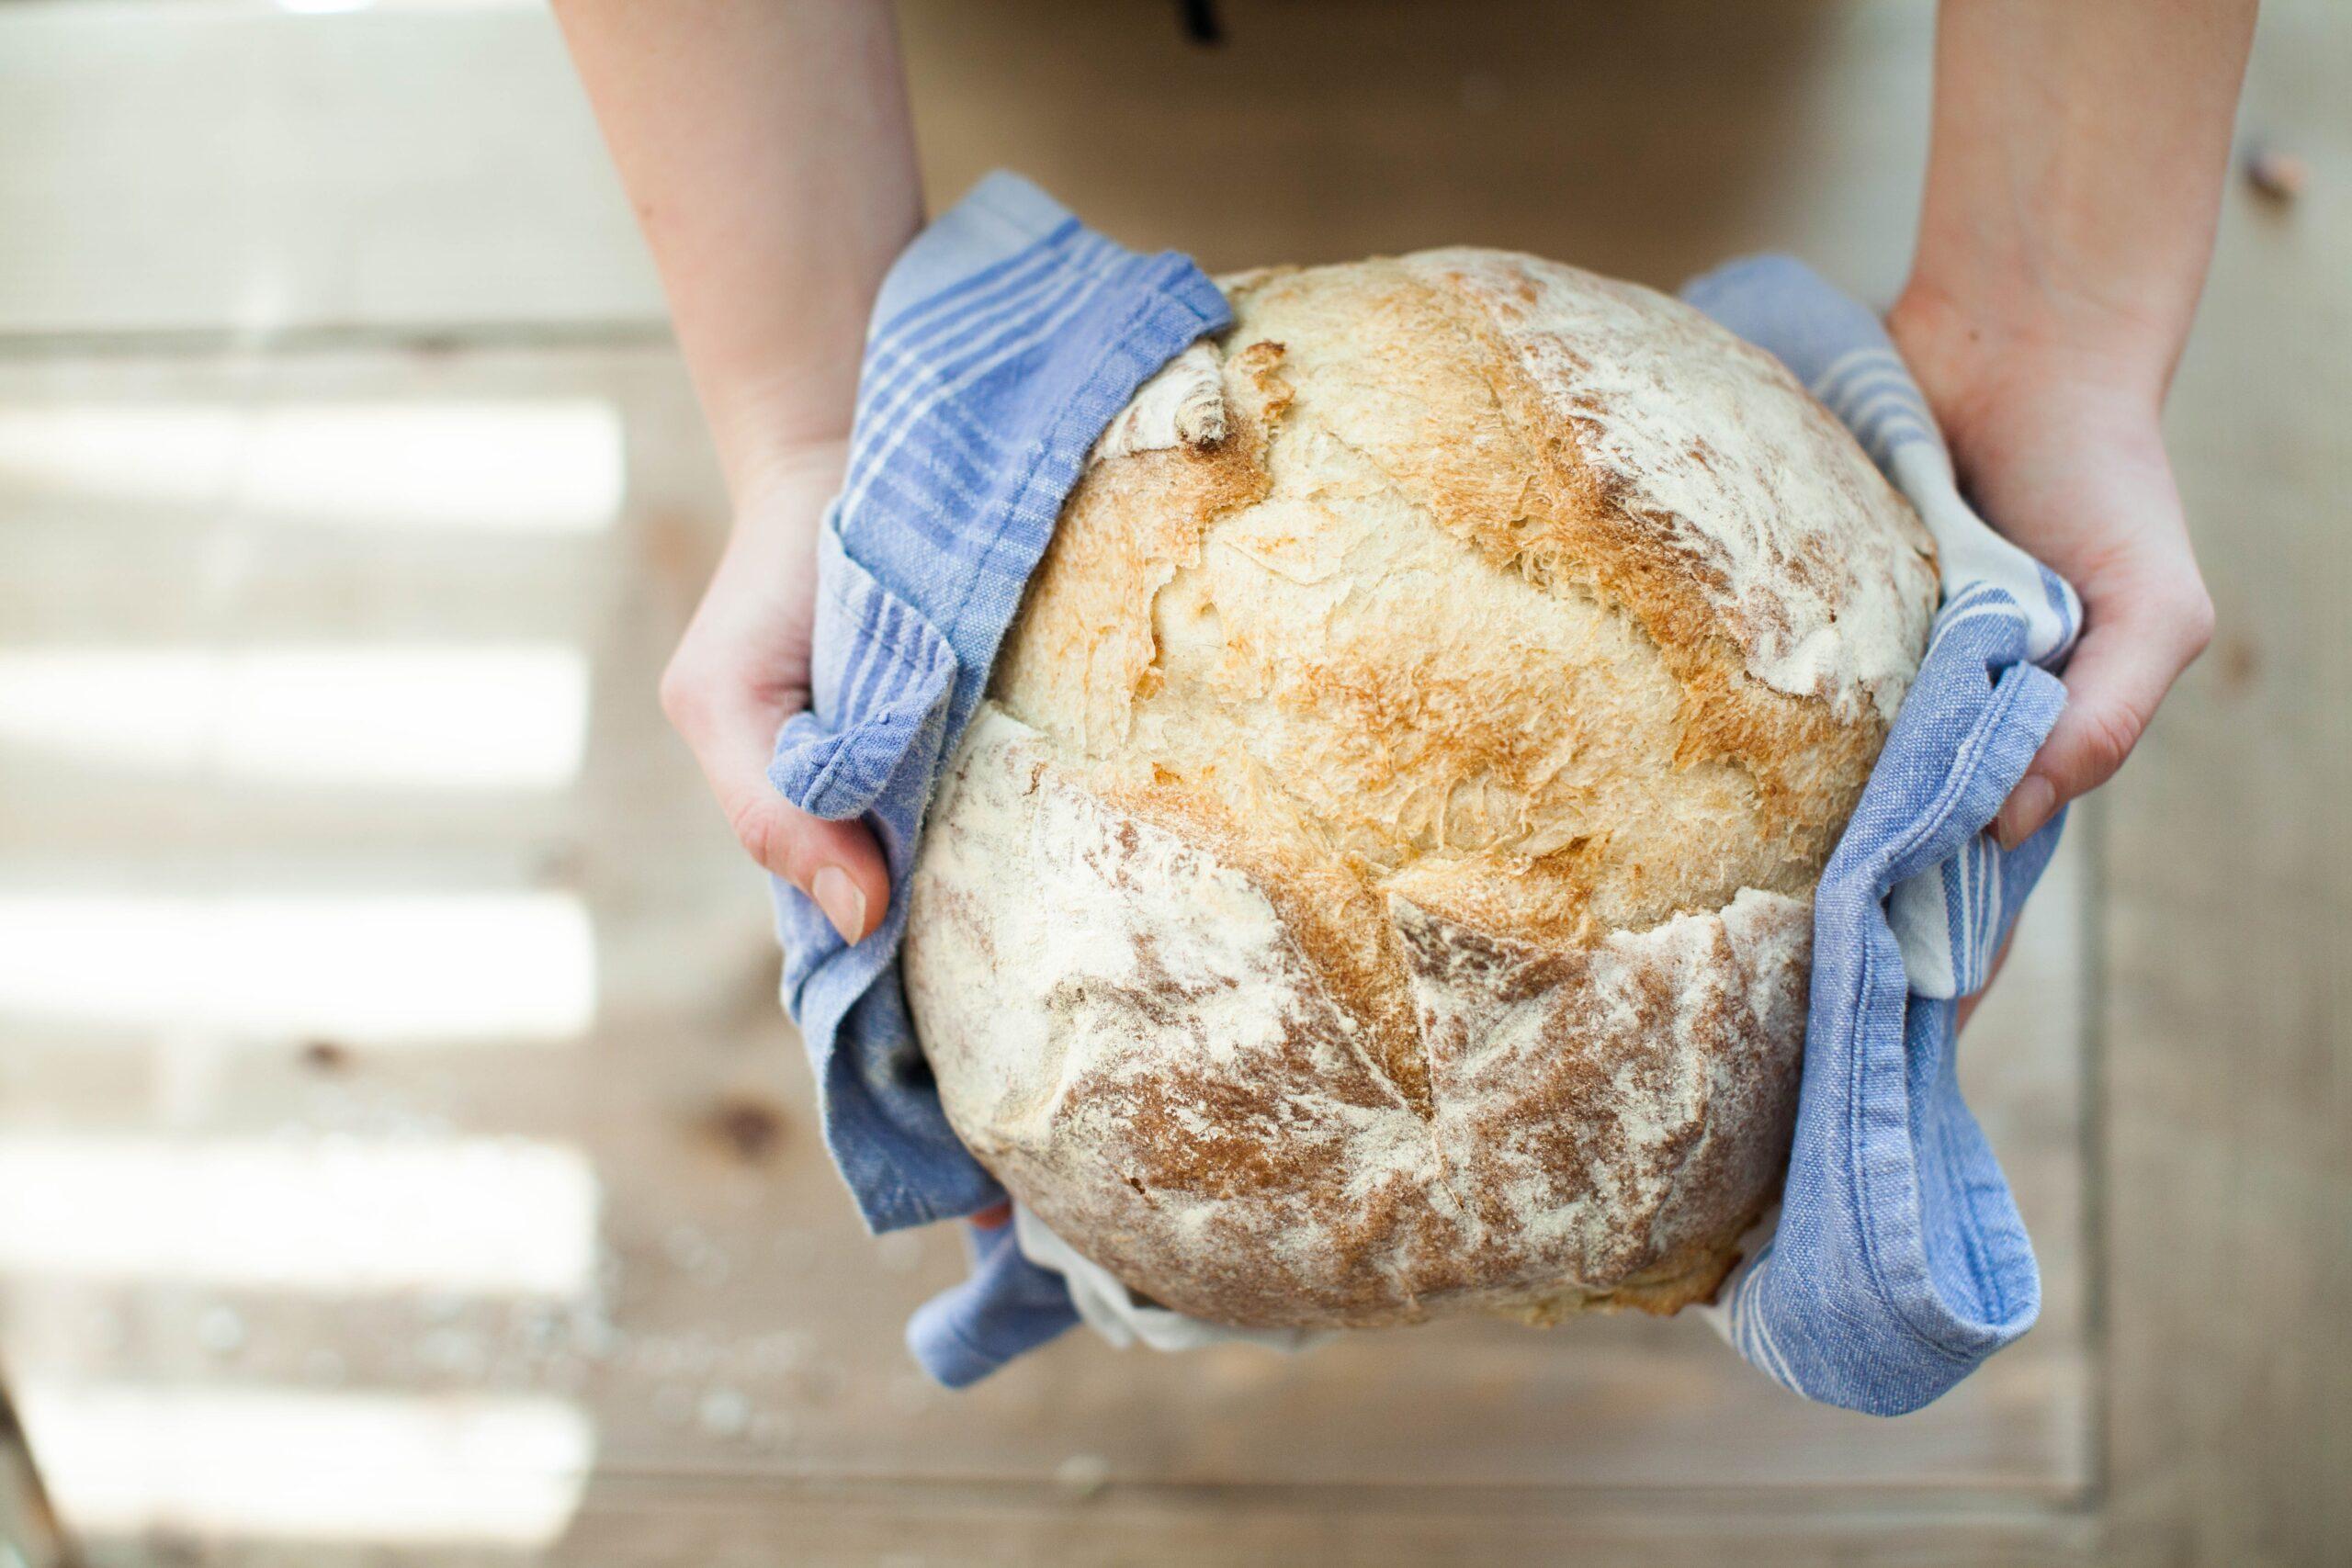 適合在家製作麵包和甜點的省力大幫手桌上型攪拌機,推薦你5個值得你入手的烘焙桌上型攪拌機!